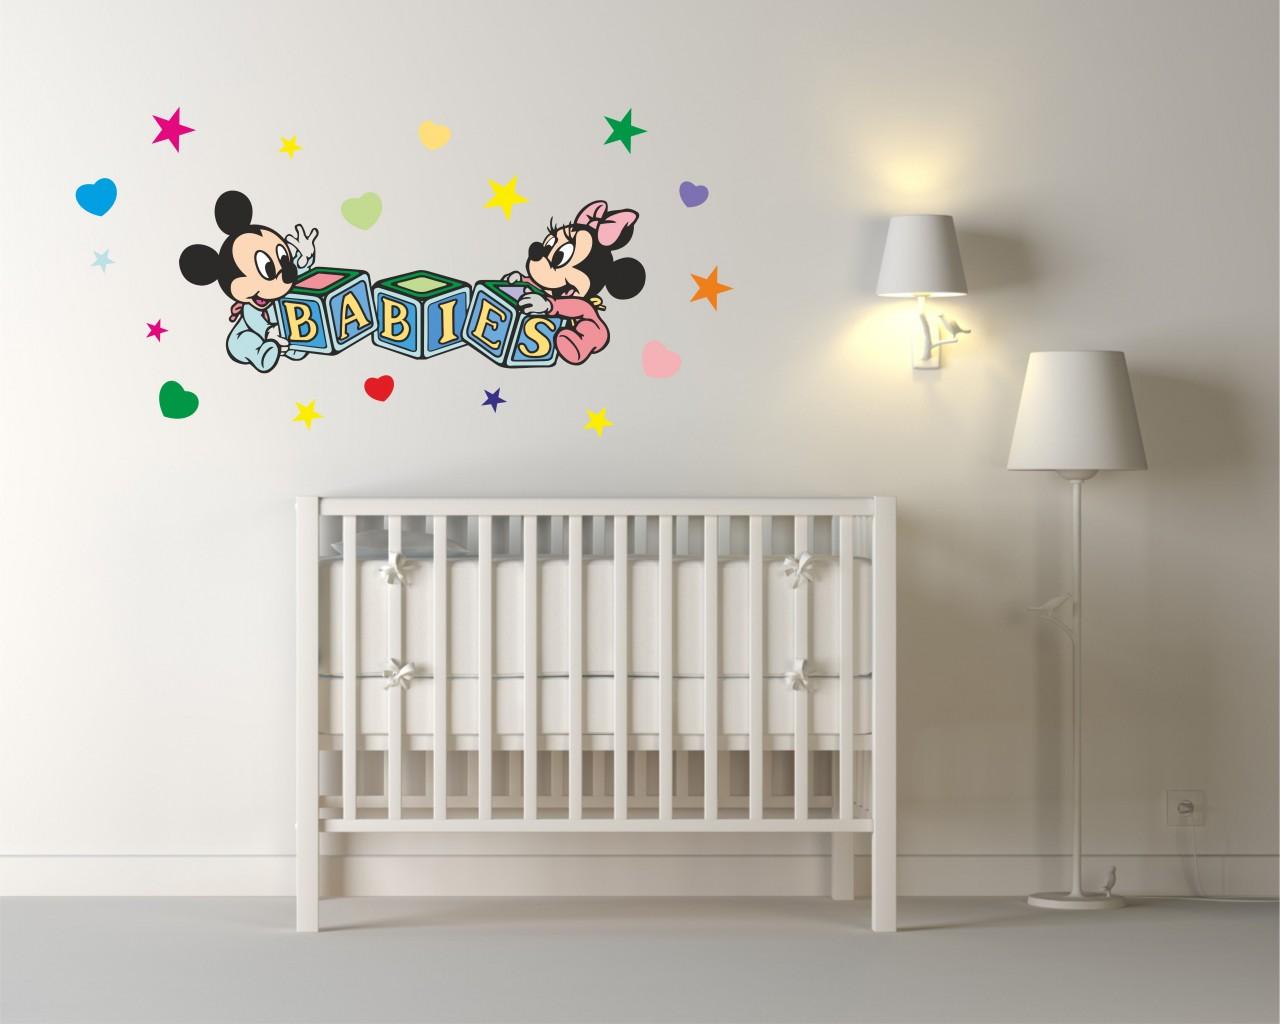 Adesivi Murali Minnie E Topolino.Adesivo Da Parete Disney Baby Topolino E Minnie Infanzia Adesivo Murale